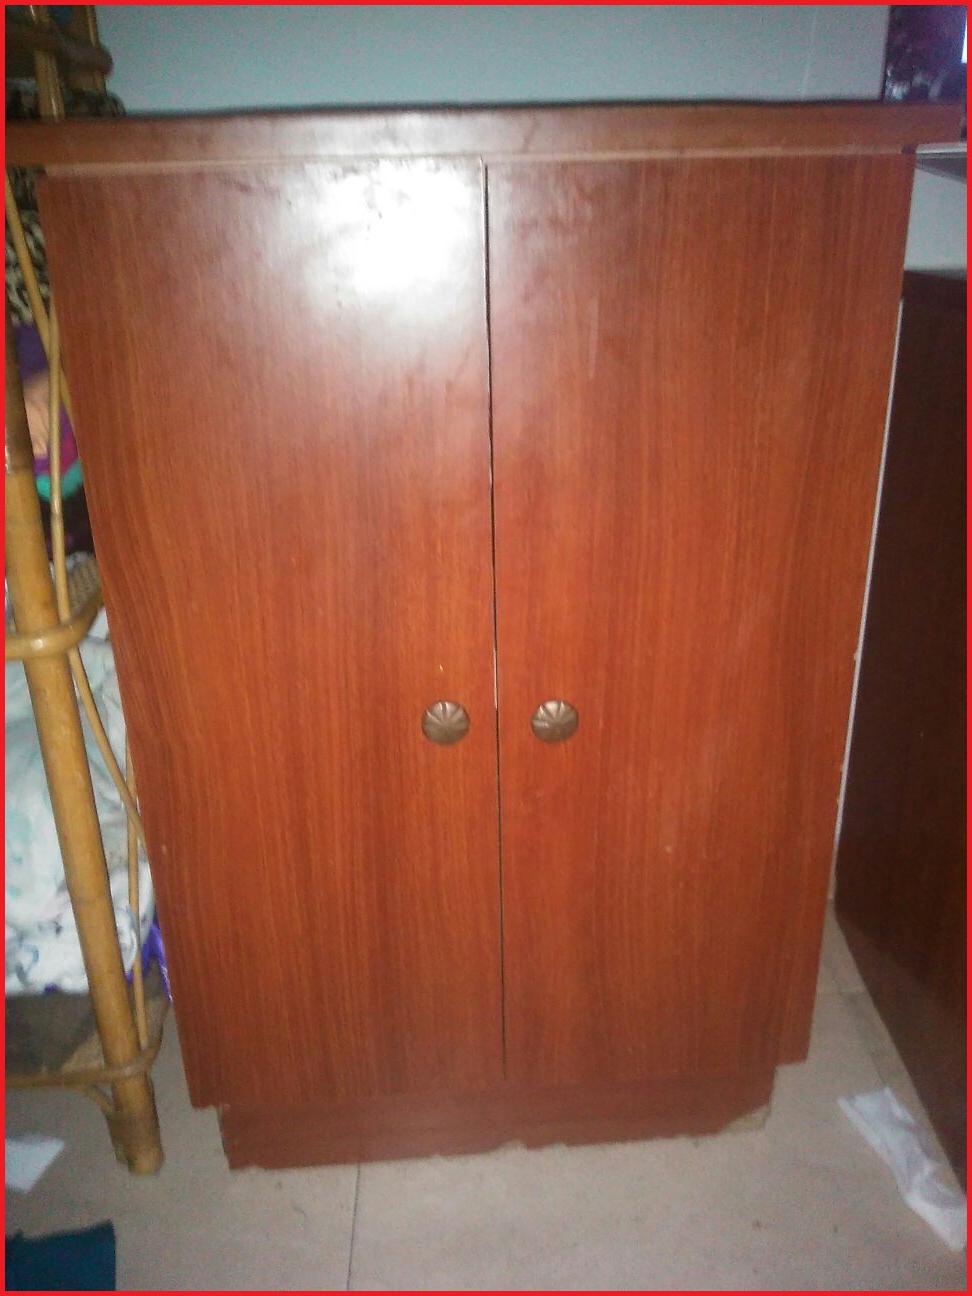 Sofas Coruña U3dh Muebles Coruà A 15 Coru Vendo Mueble Con Ruedas De Dos